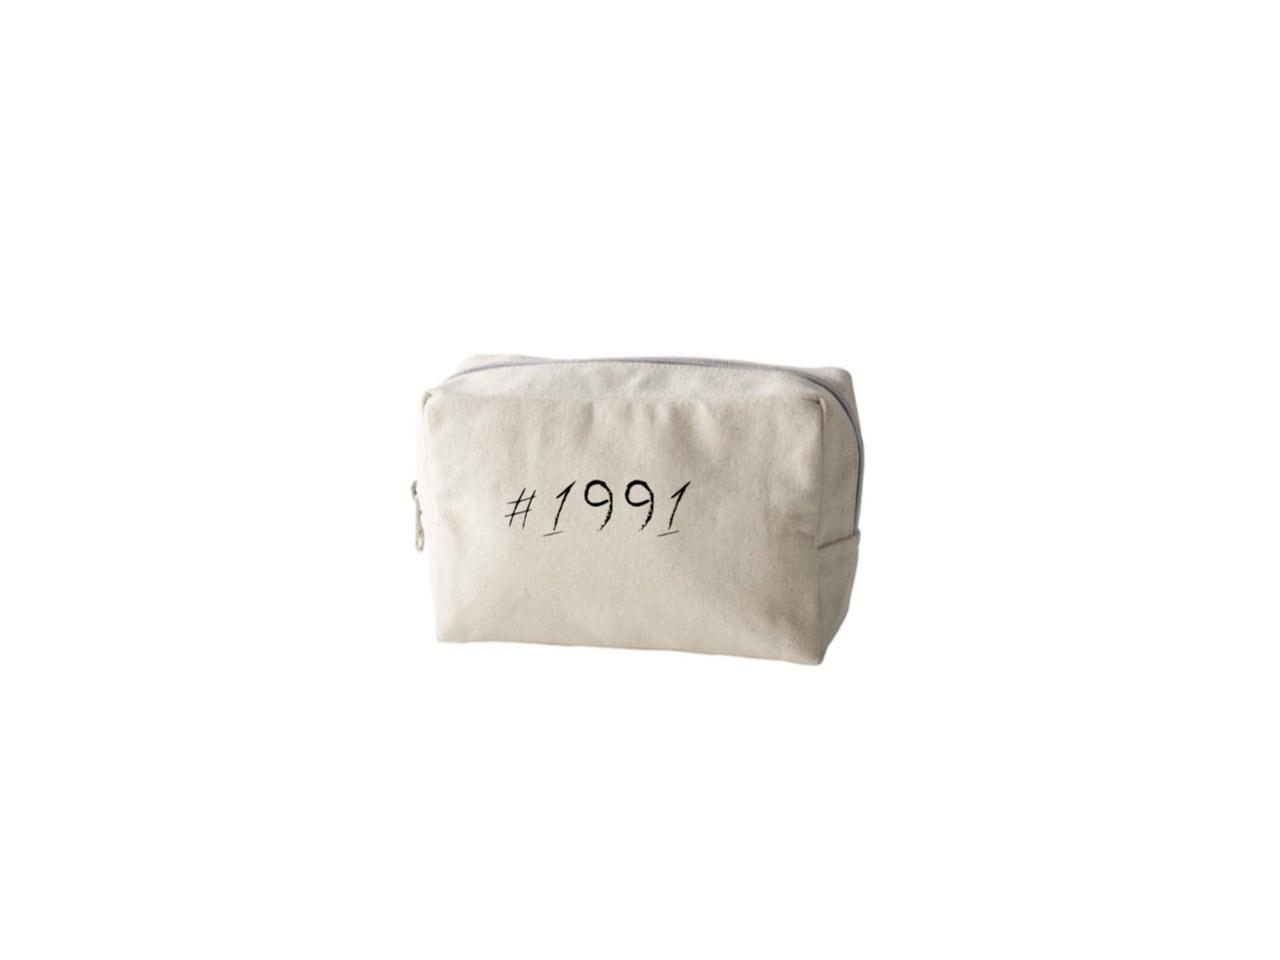 1991 original small BAG (NATU)